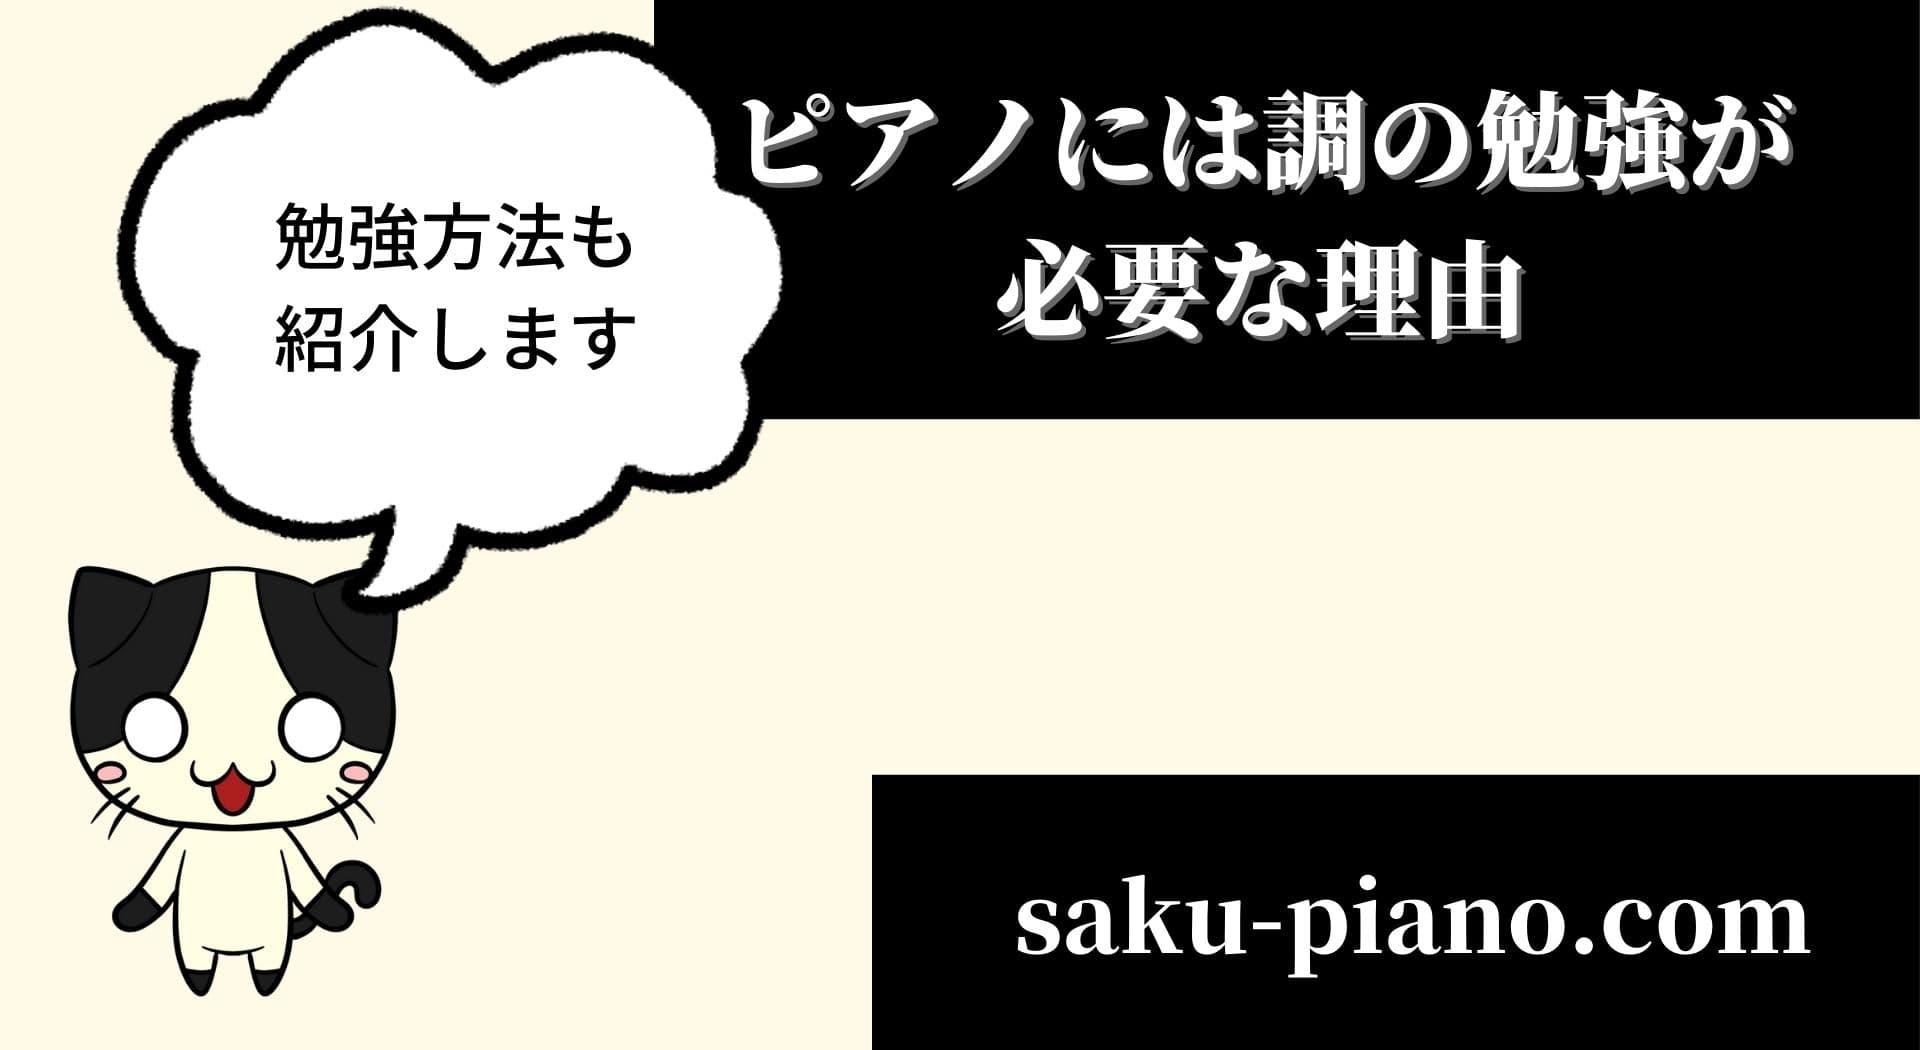 「ピアノには調の勉強が必要な理由【勉強法も解説】」のアイキャッチ画像